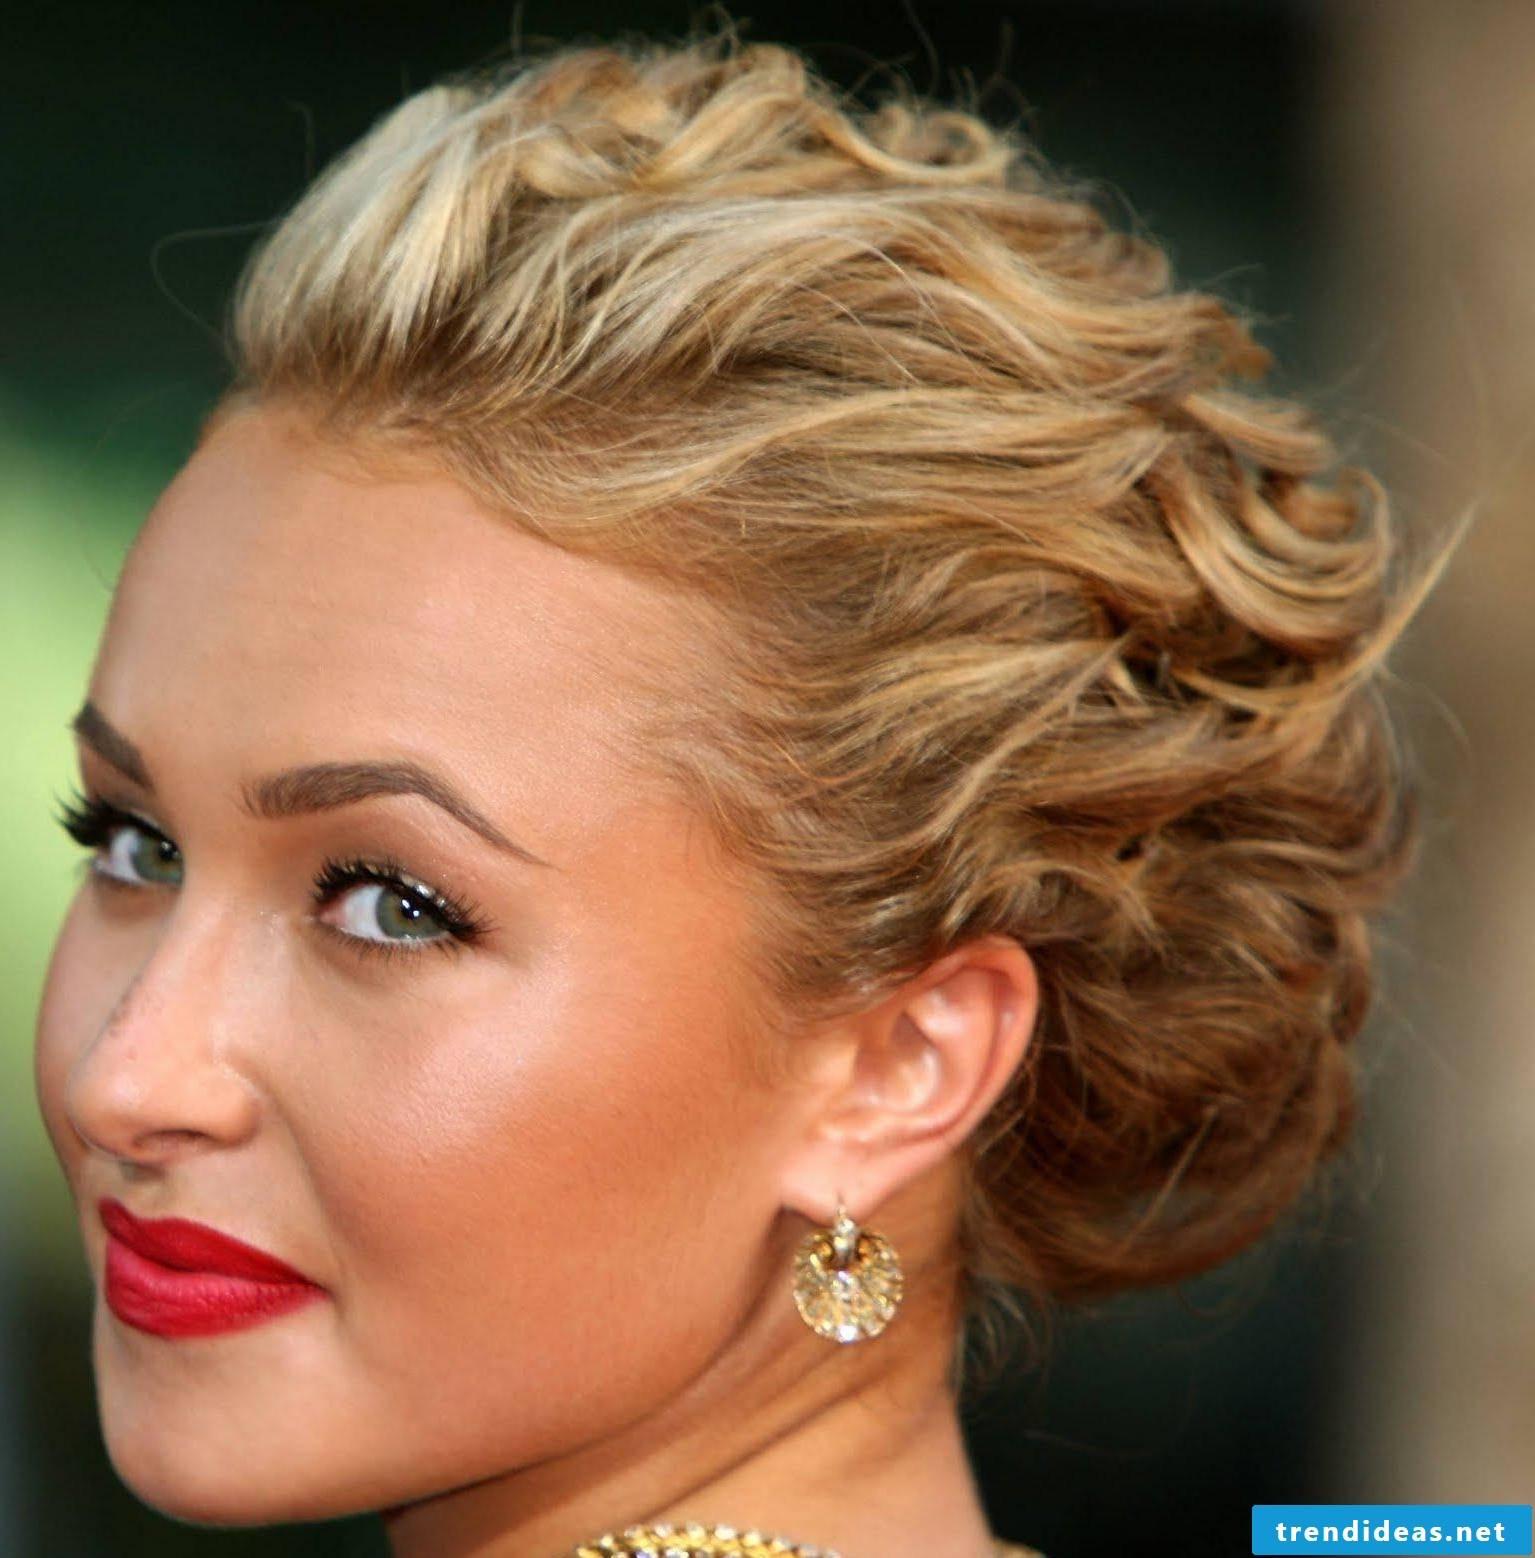 Glamorous red-carpet hairstyle